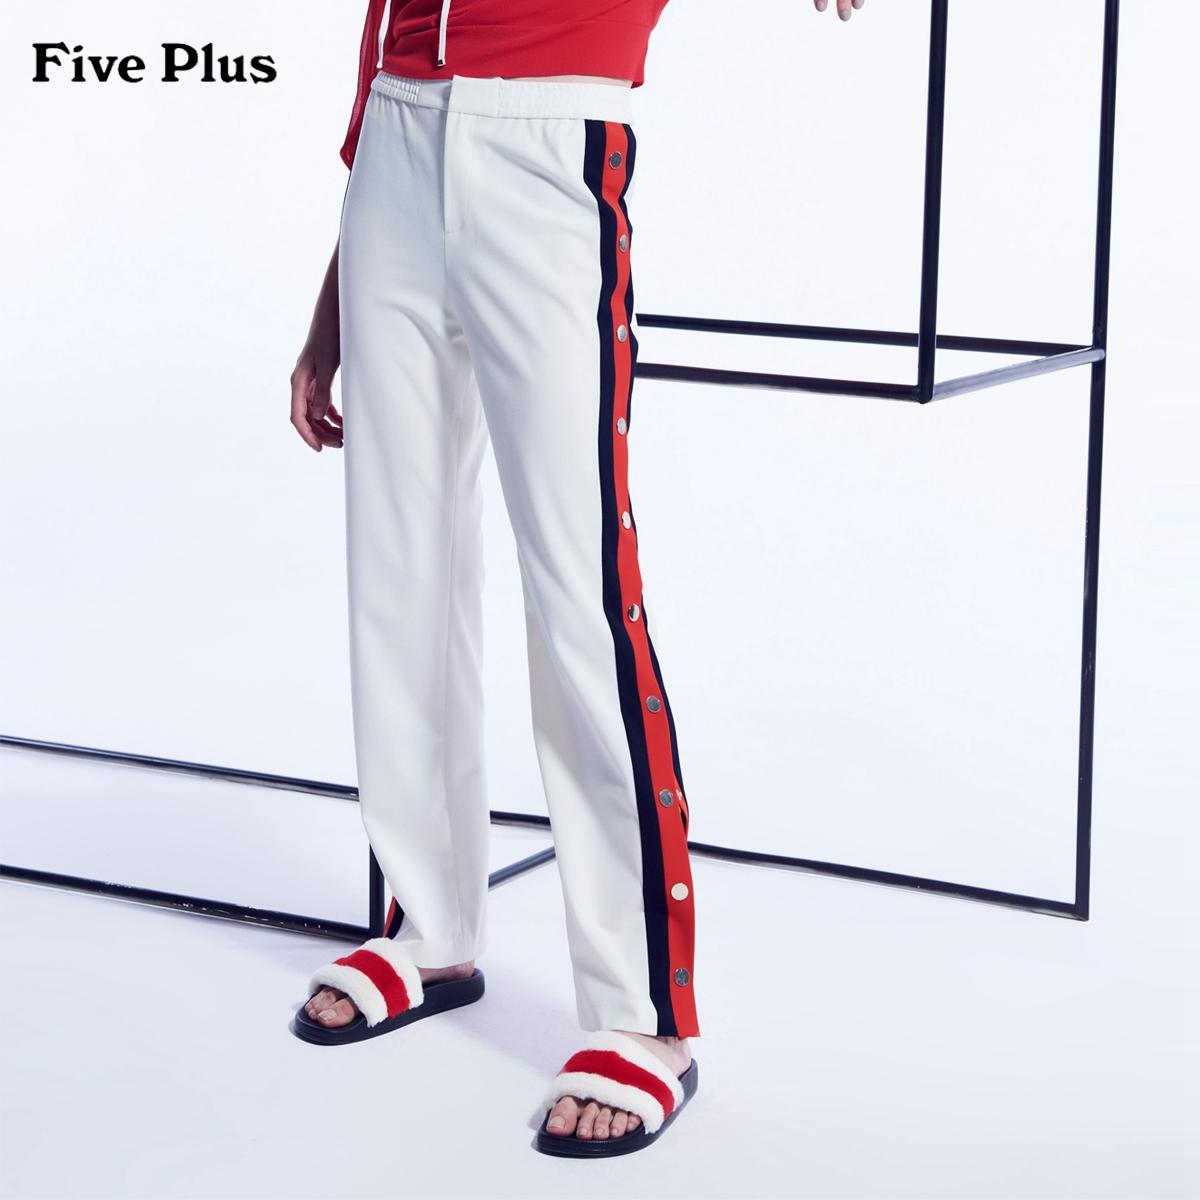 Five Plus2018新款女装开叉阔腿裤女松紧腰休闲长裤潮拼接条纹